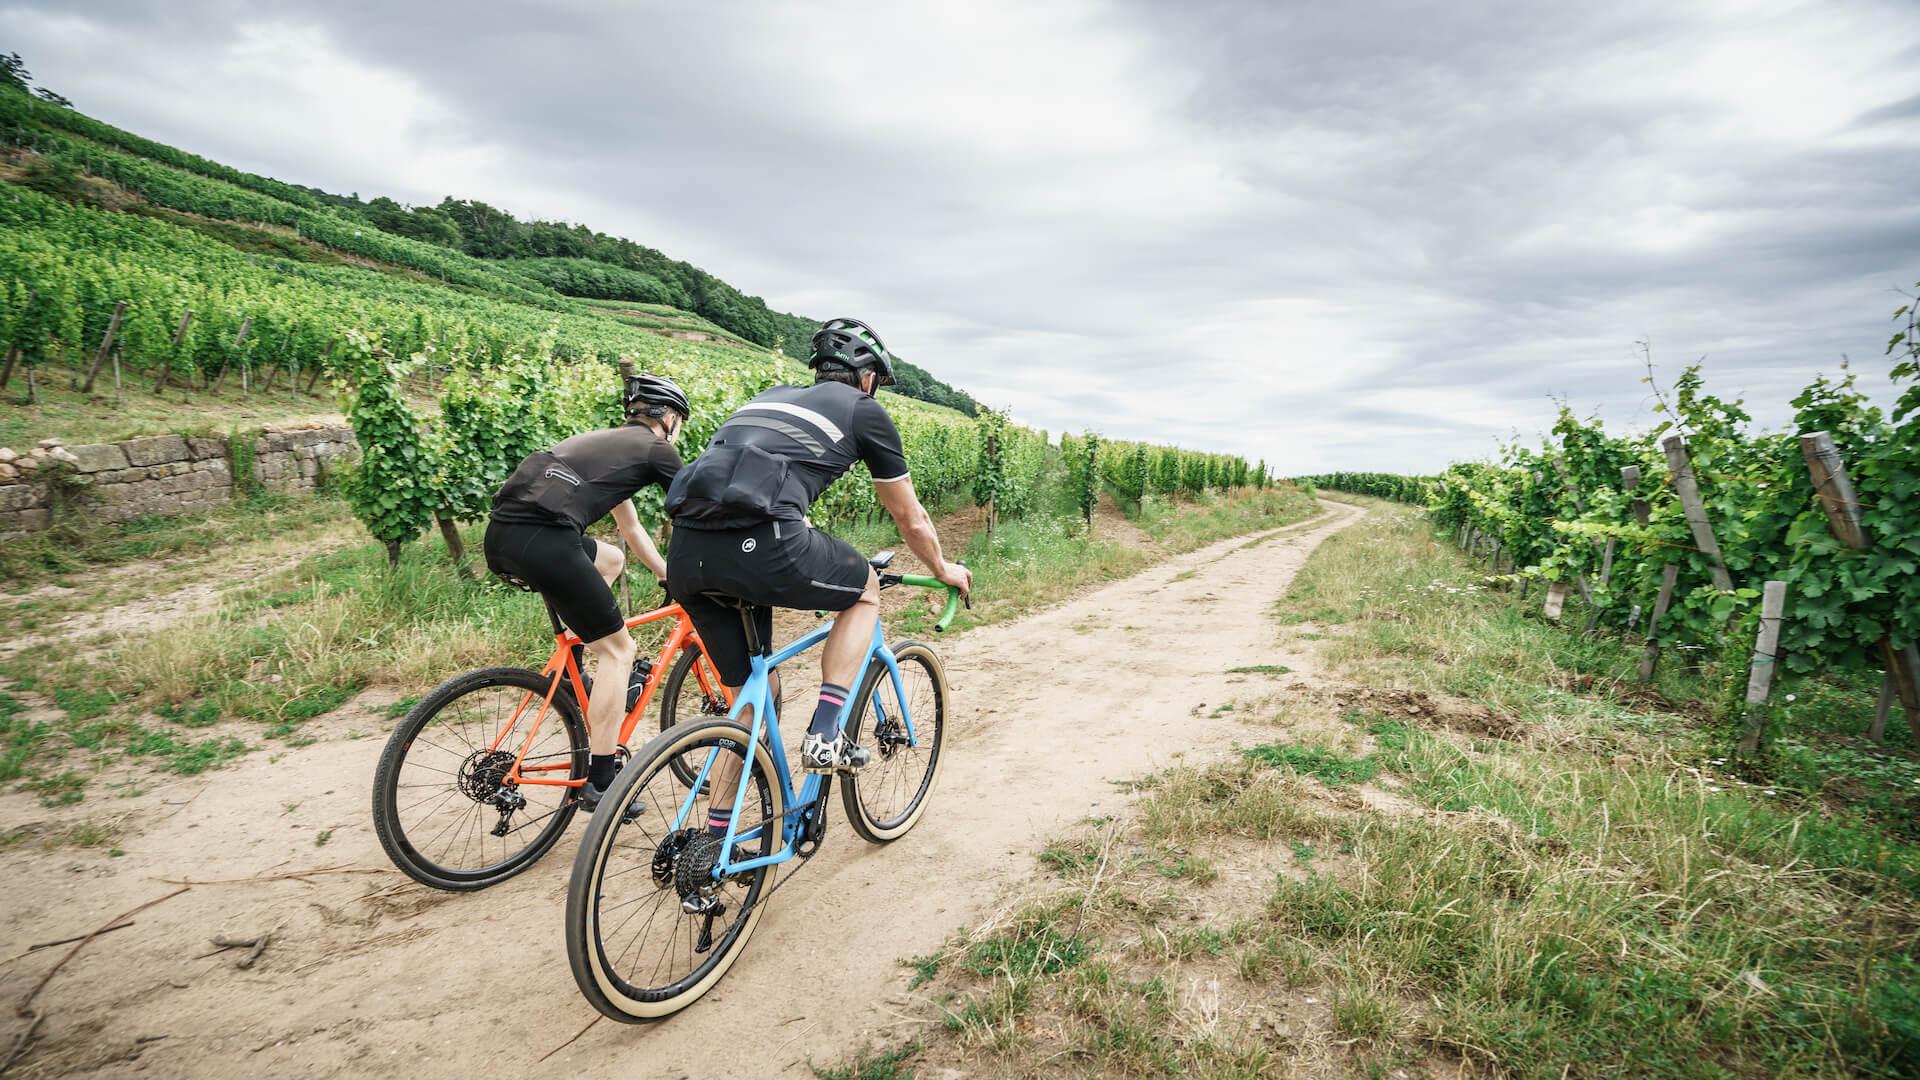 kerékpáros túra gravel kerékpárral